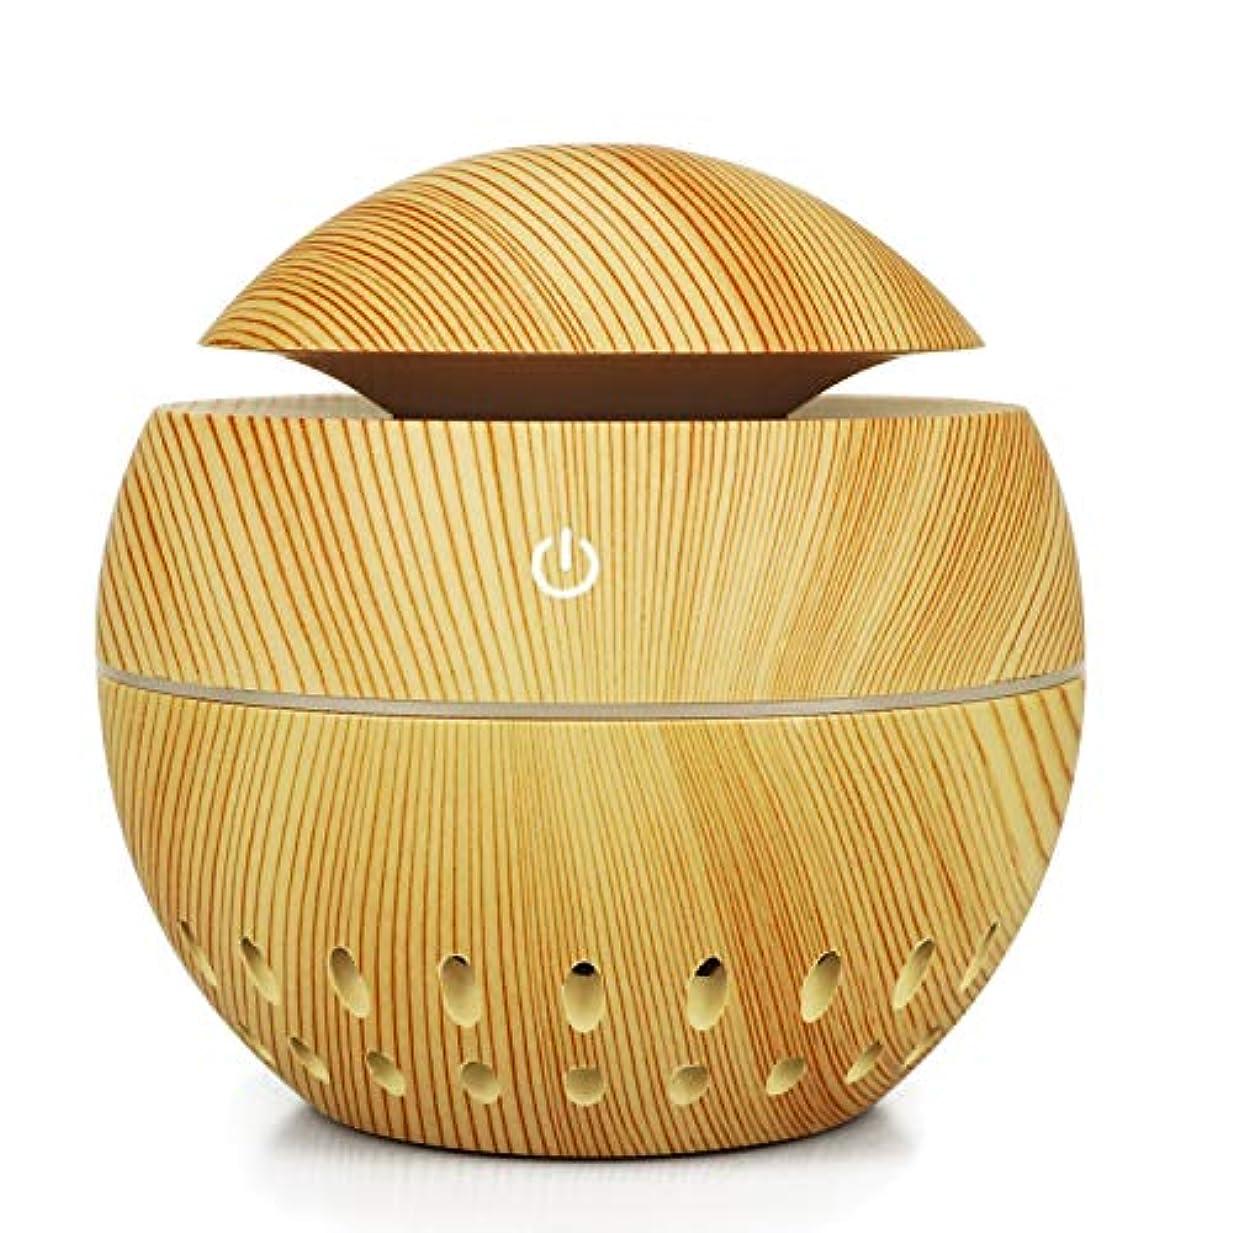 発動機閉塞保持加湿器USBウッドグレイン中空加湿器きのこマシン総本店小型家電、ブラウン (Color : Brass)